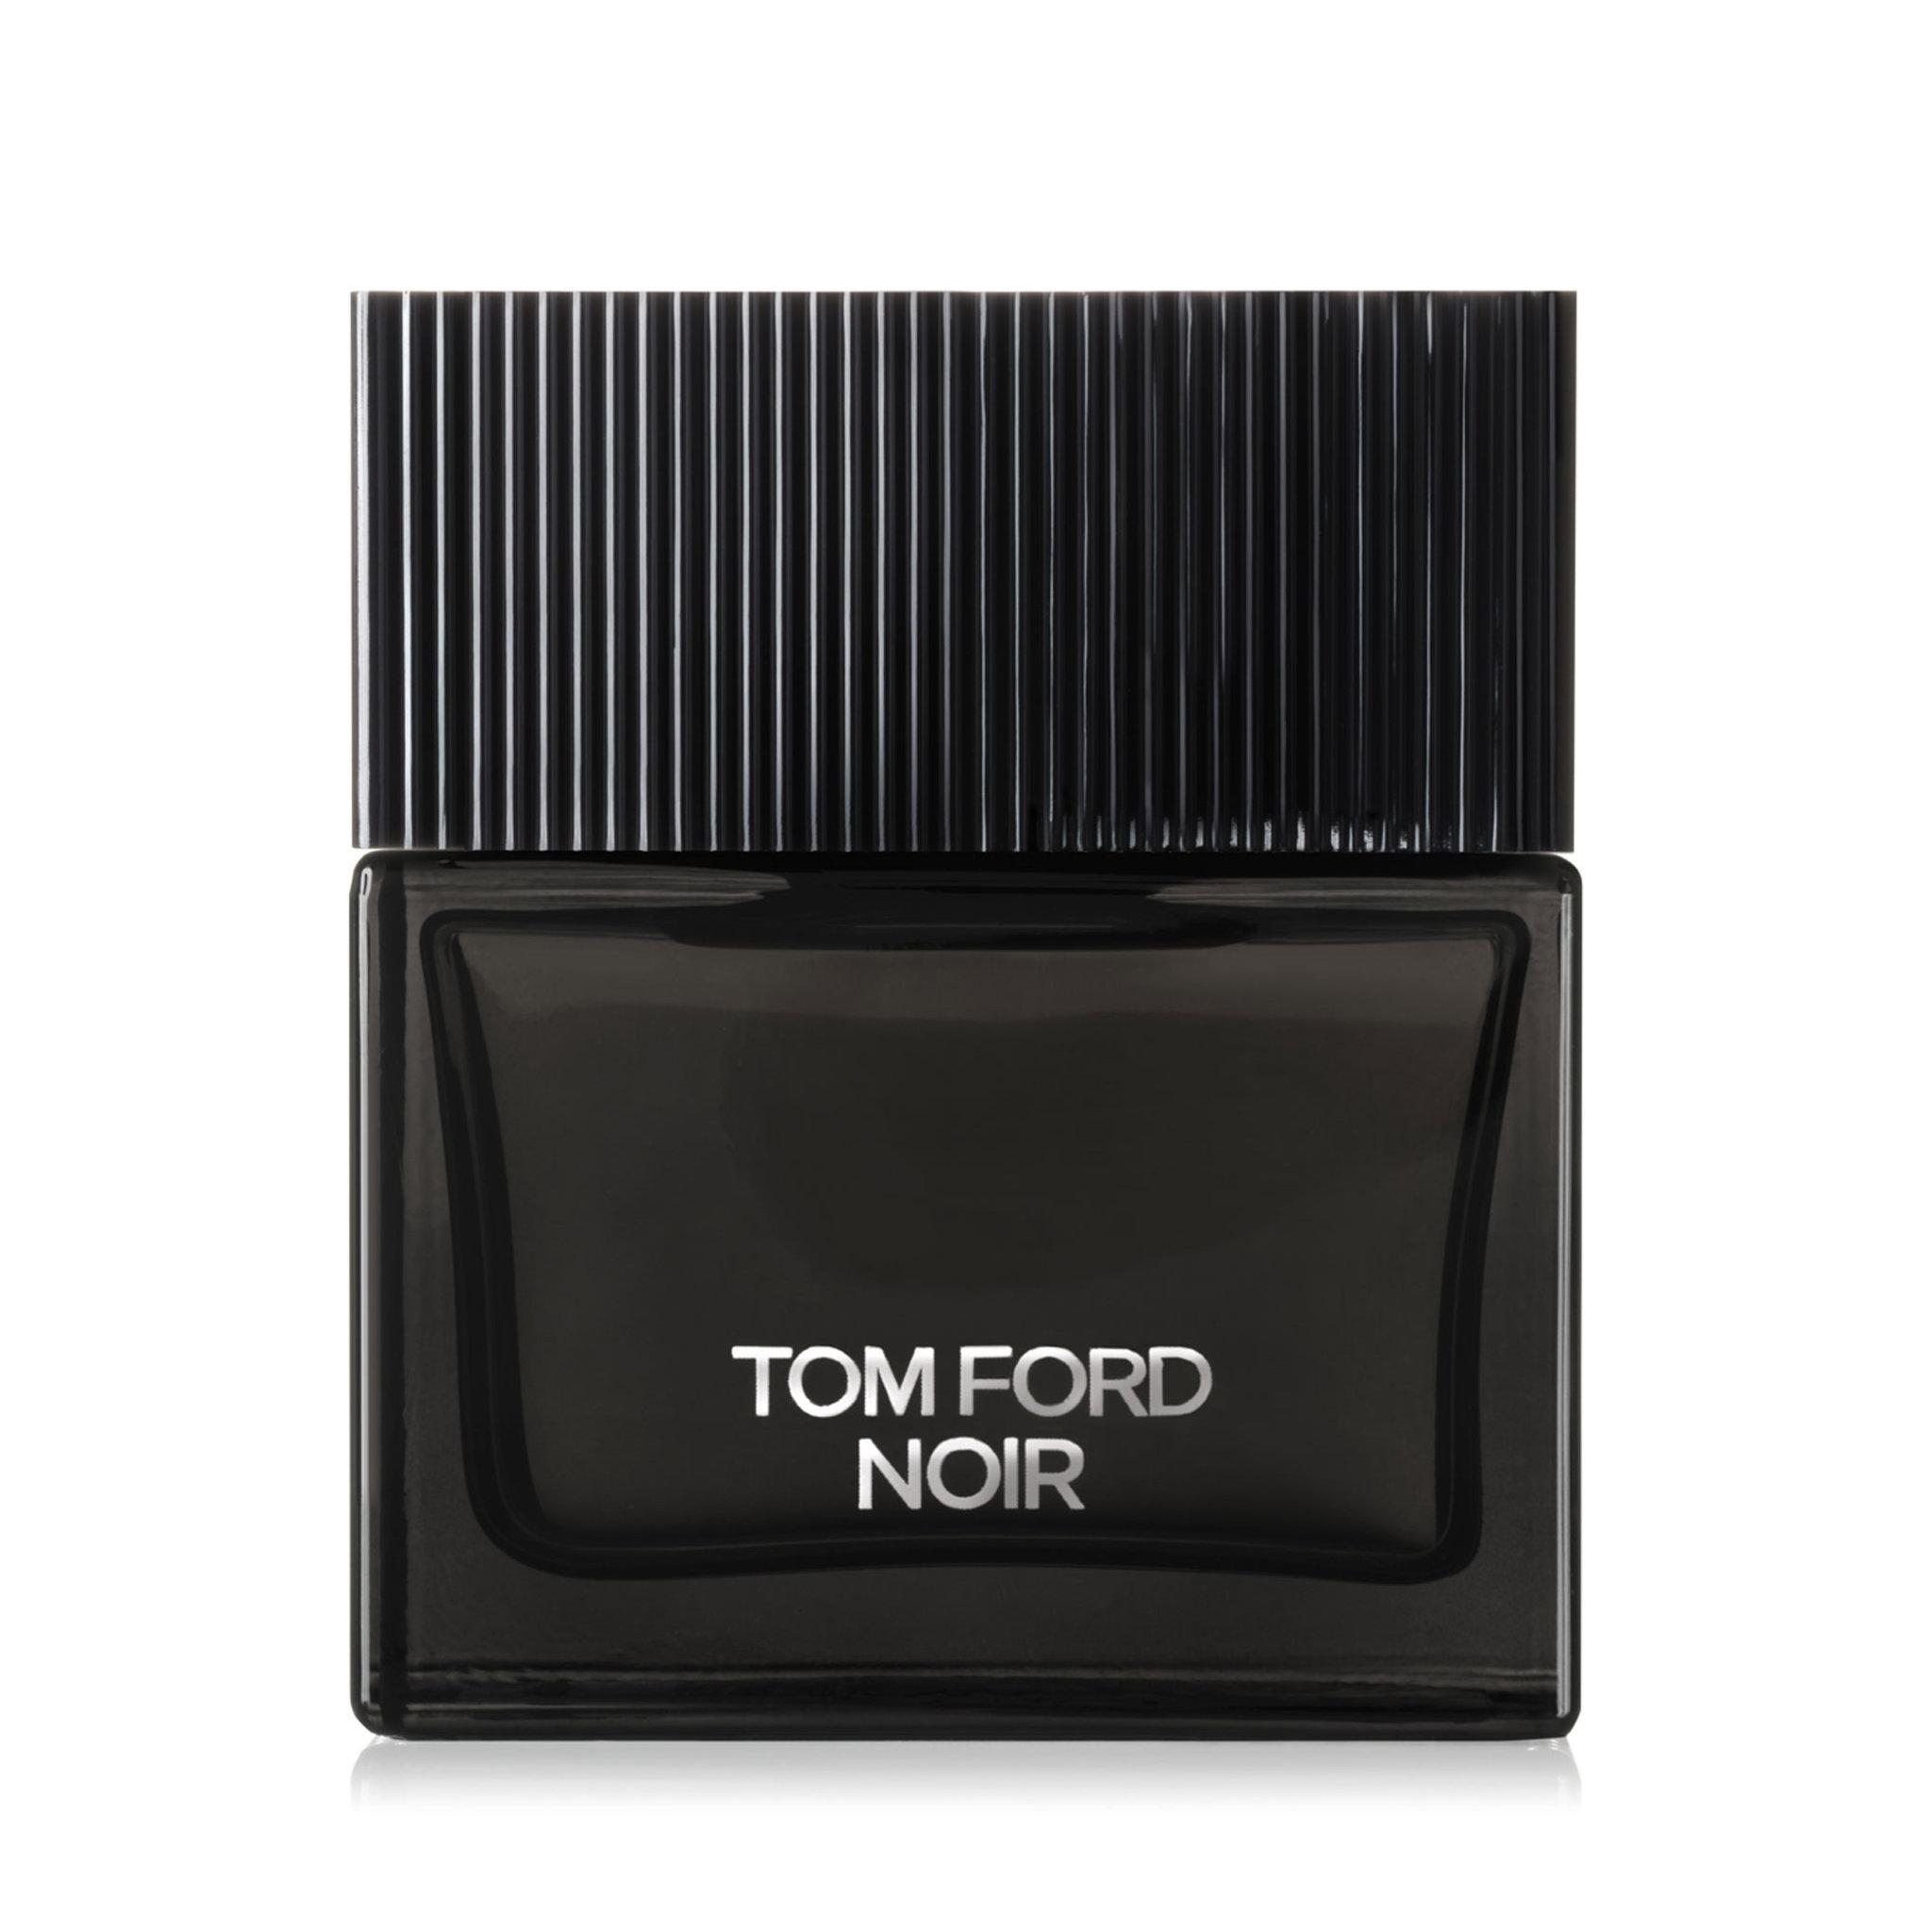 Tom Ford Noir EdP, 50 ml, 50 ML